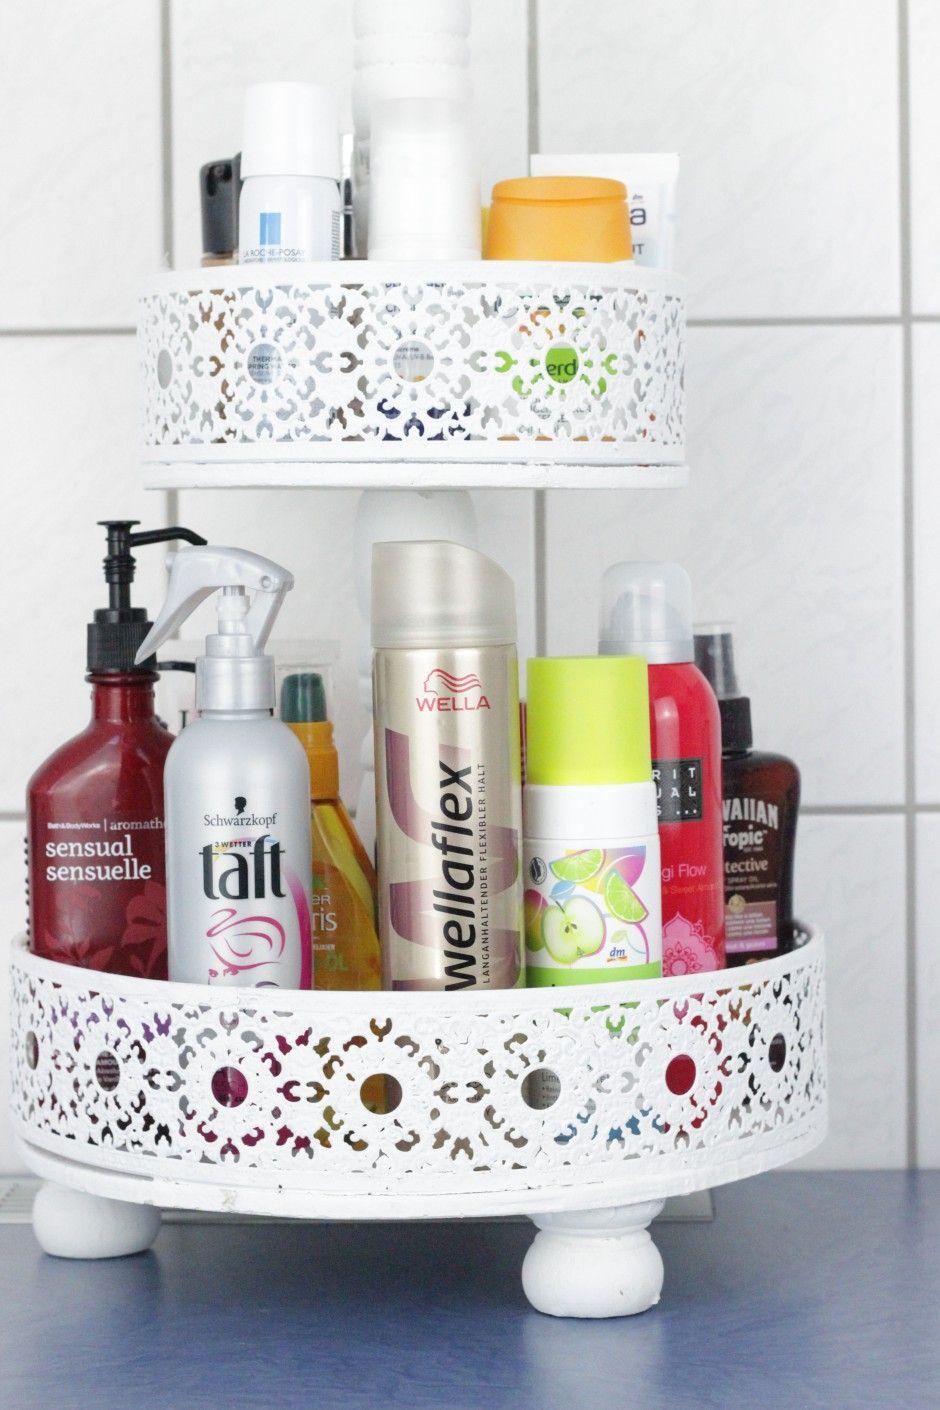 Ordnung im Badezimmer  Wohnung badezimmer, Badezimmer, Badezimmer